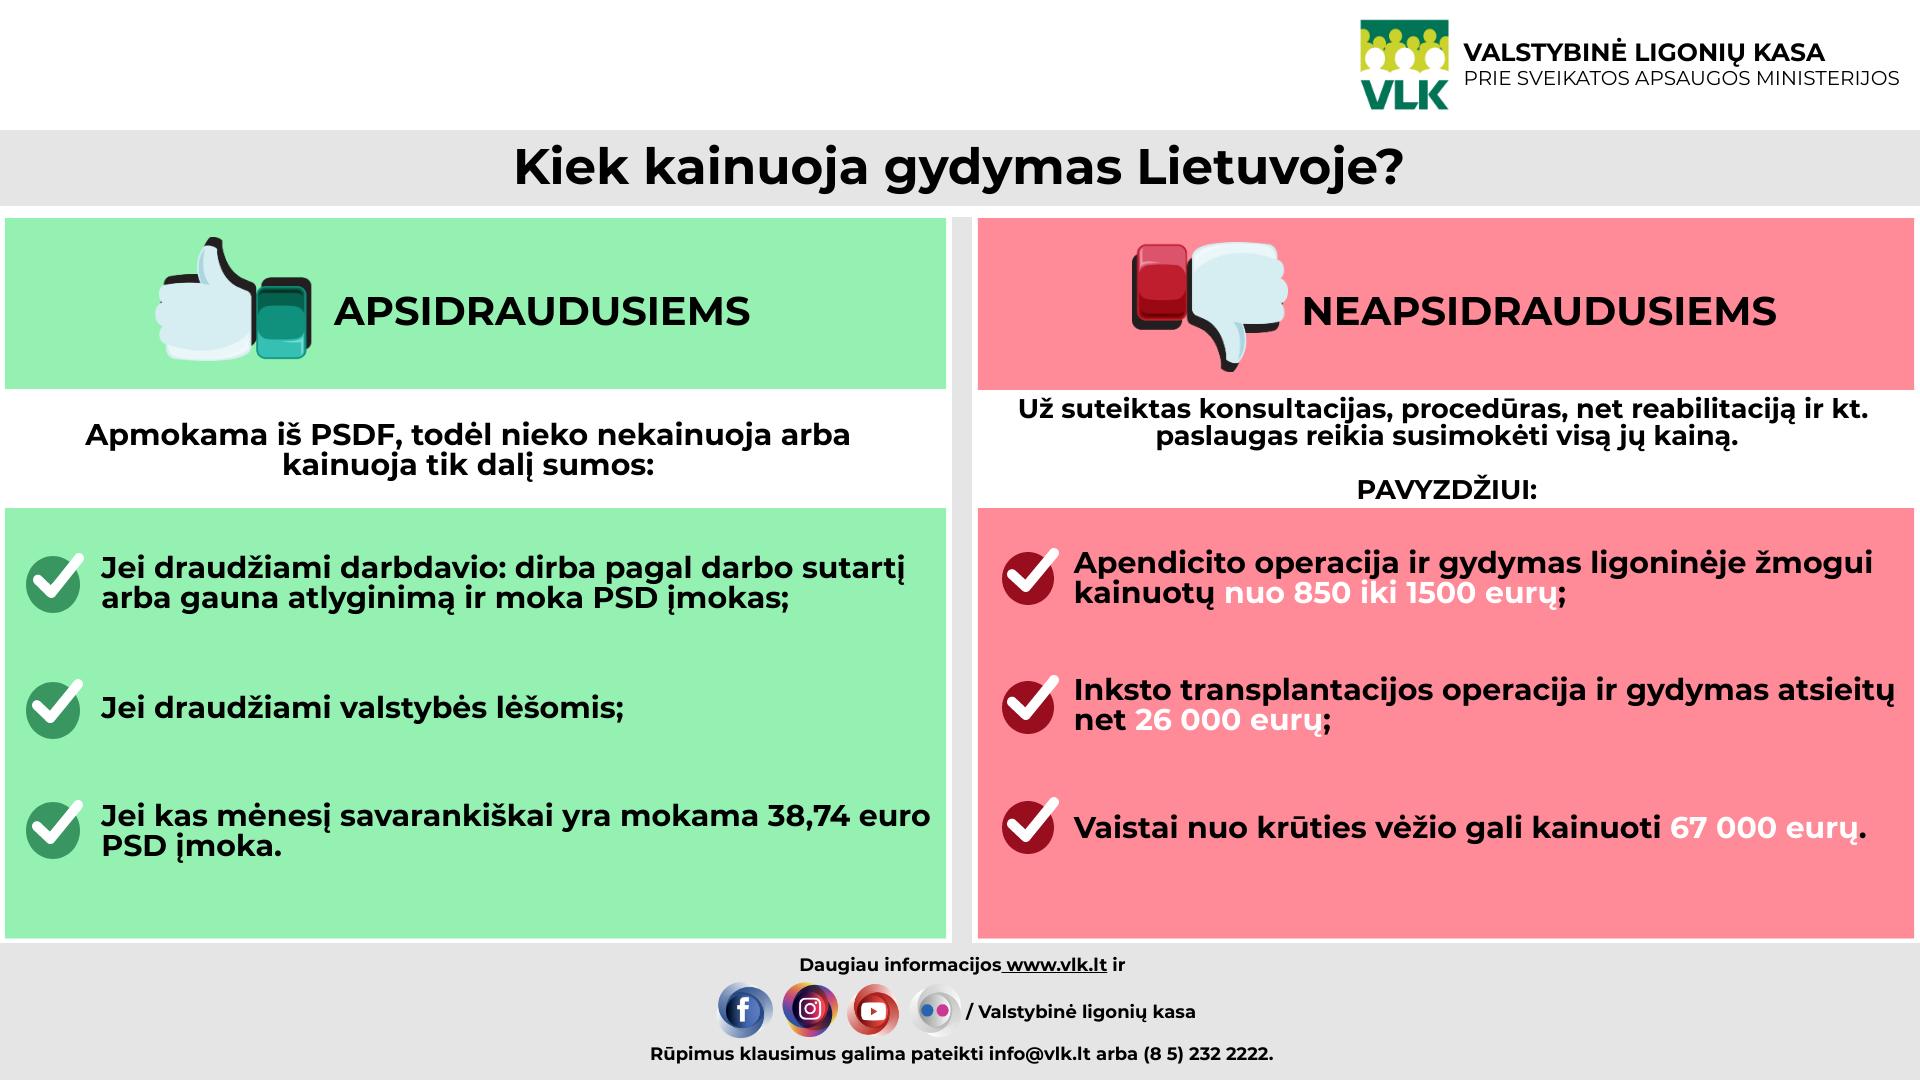 Viešoji ar privati: kurias gydymo įstaigas Lietuvoje renkasi dažniausiai?   VLK nuotr.